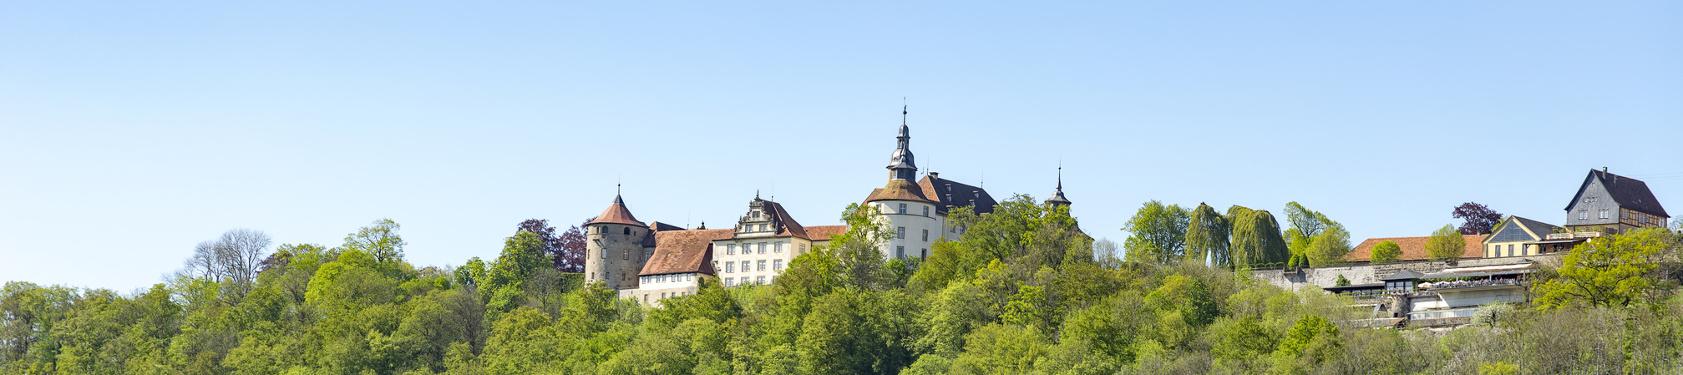 Bild von Langenburg